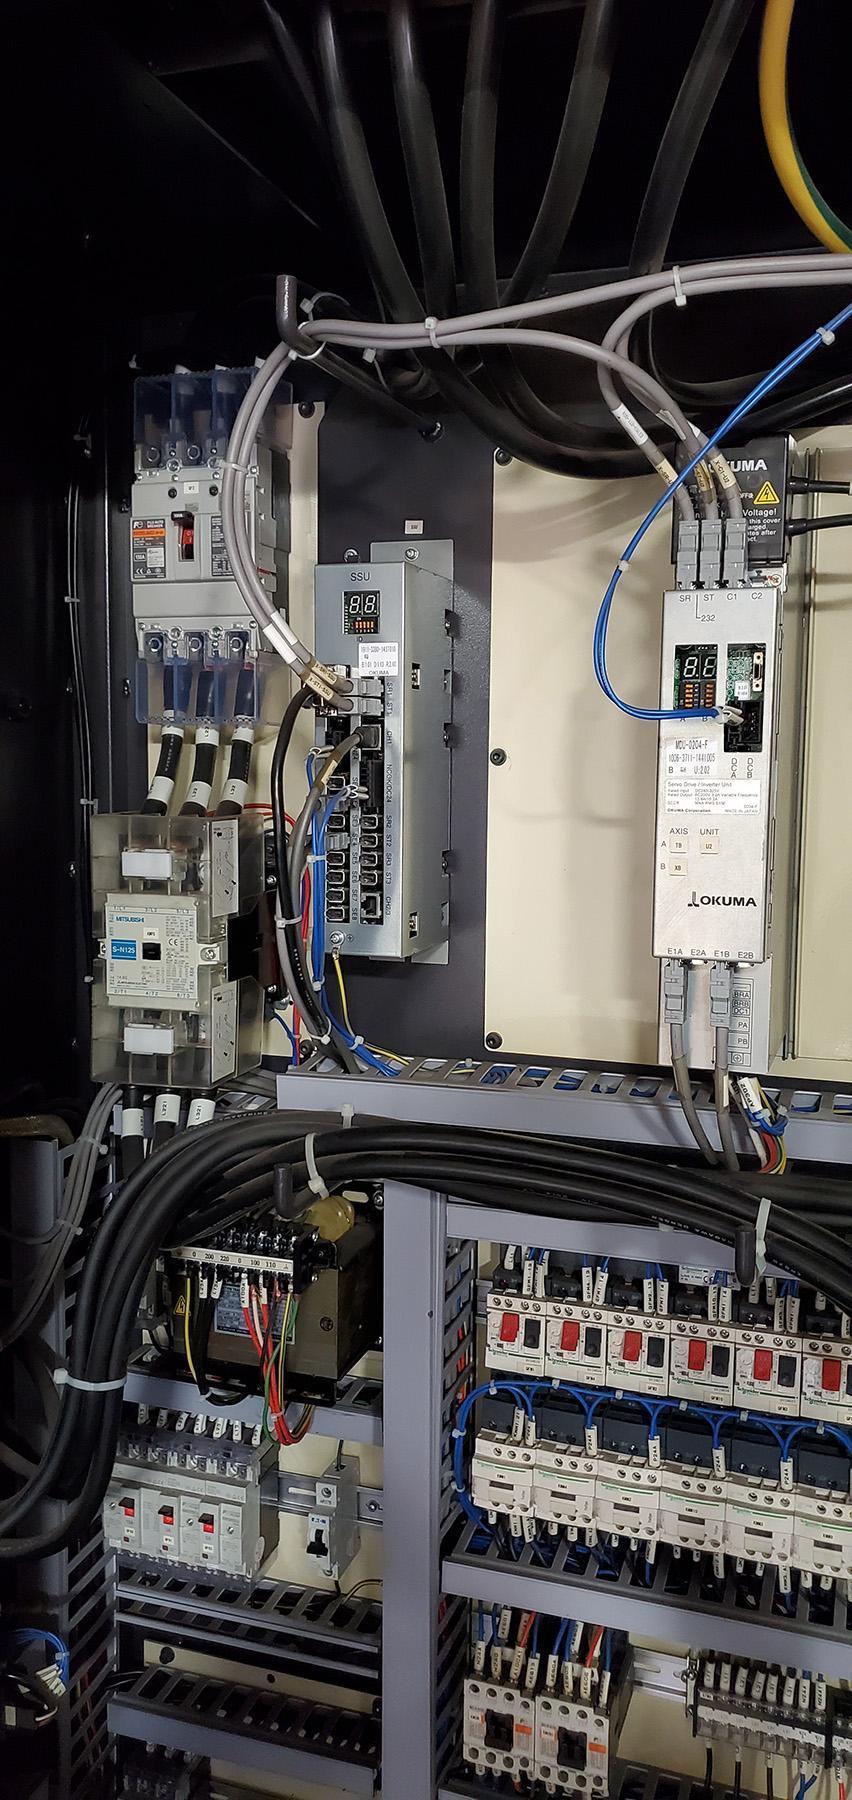 USED, OKUMA LU35-II SUPER BIG BORE FOUR AXIS CNC LATHE